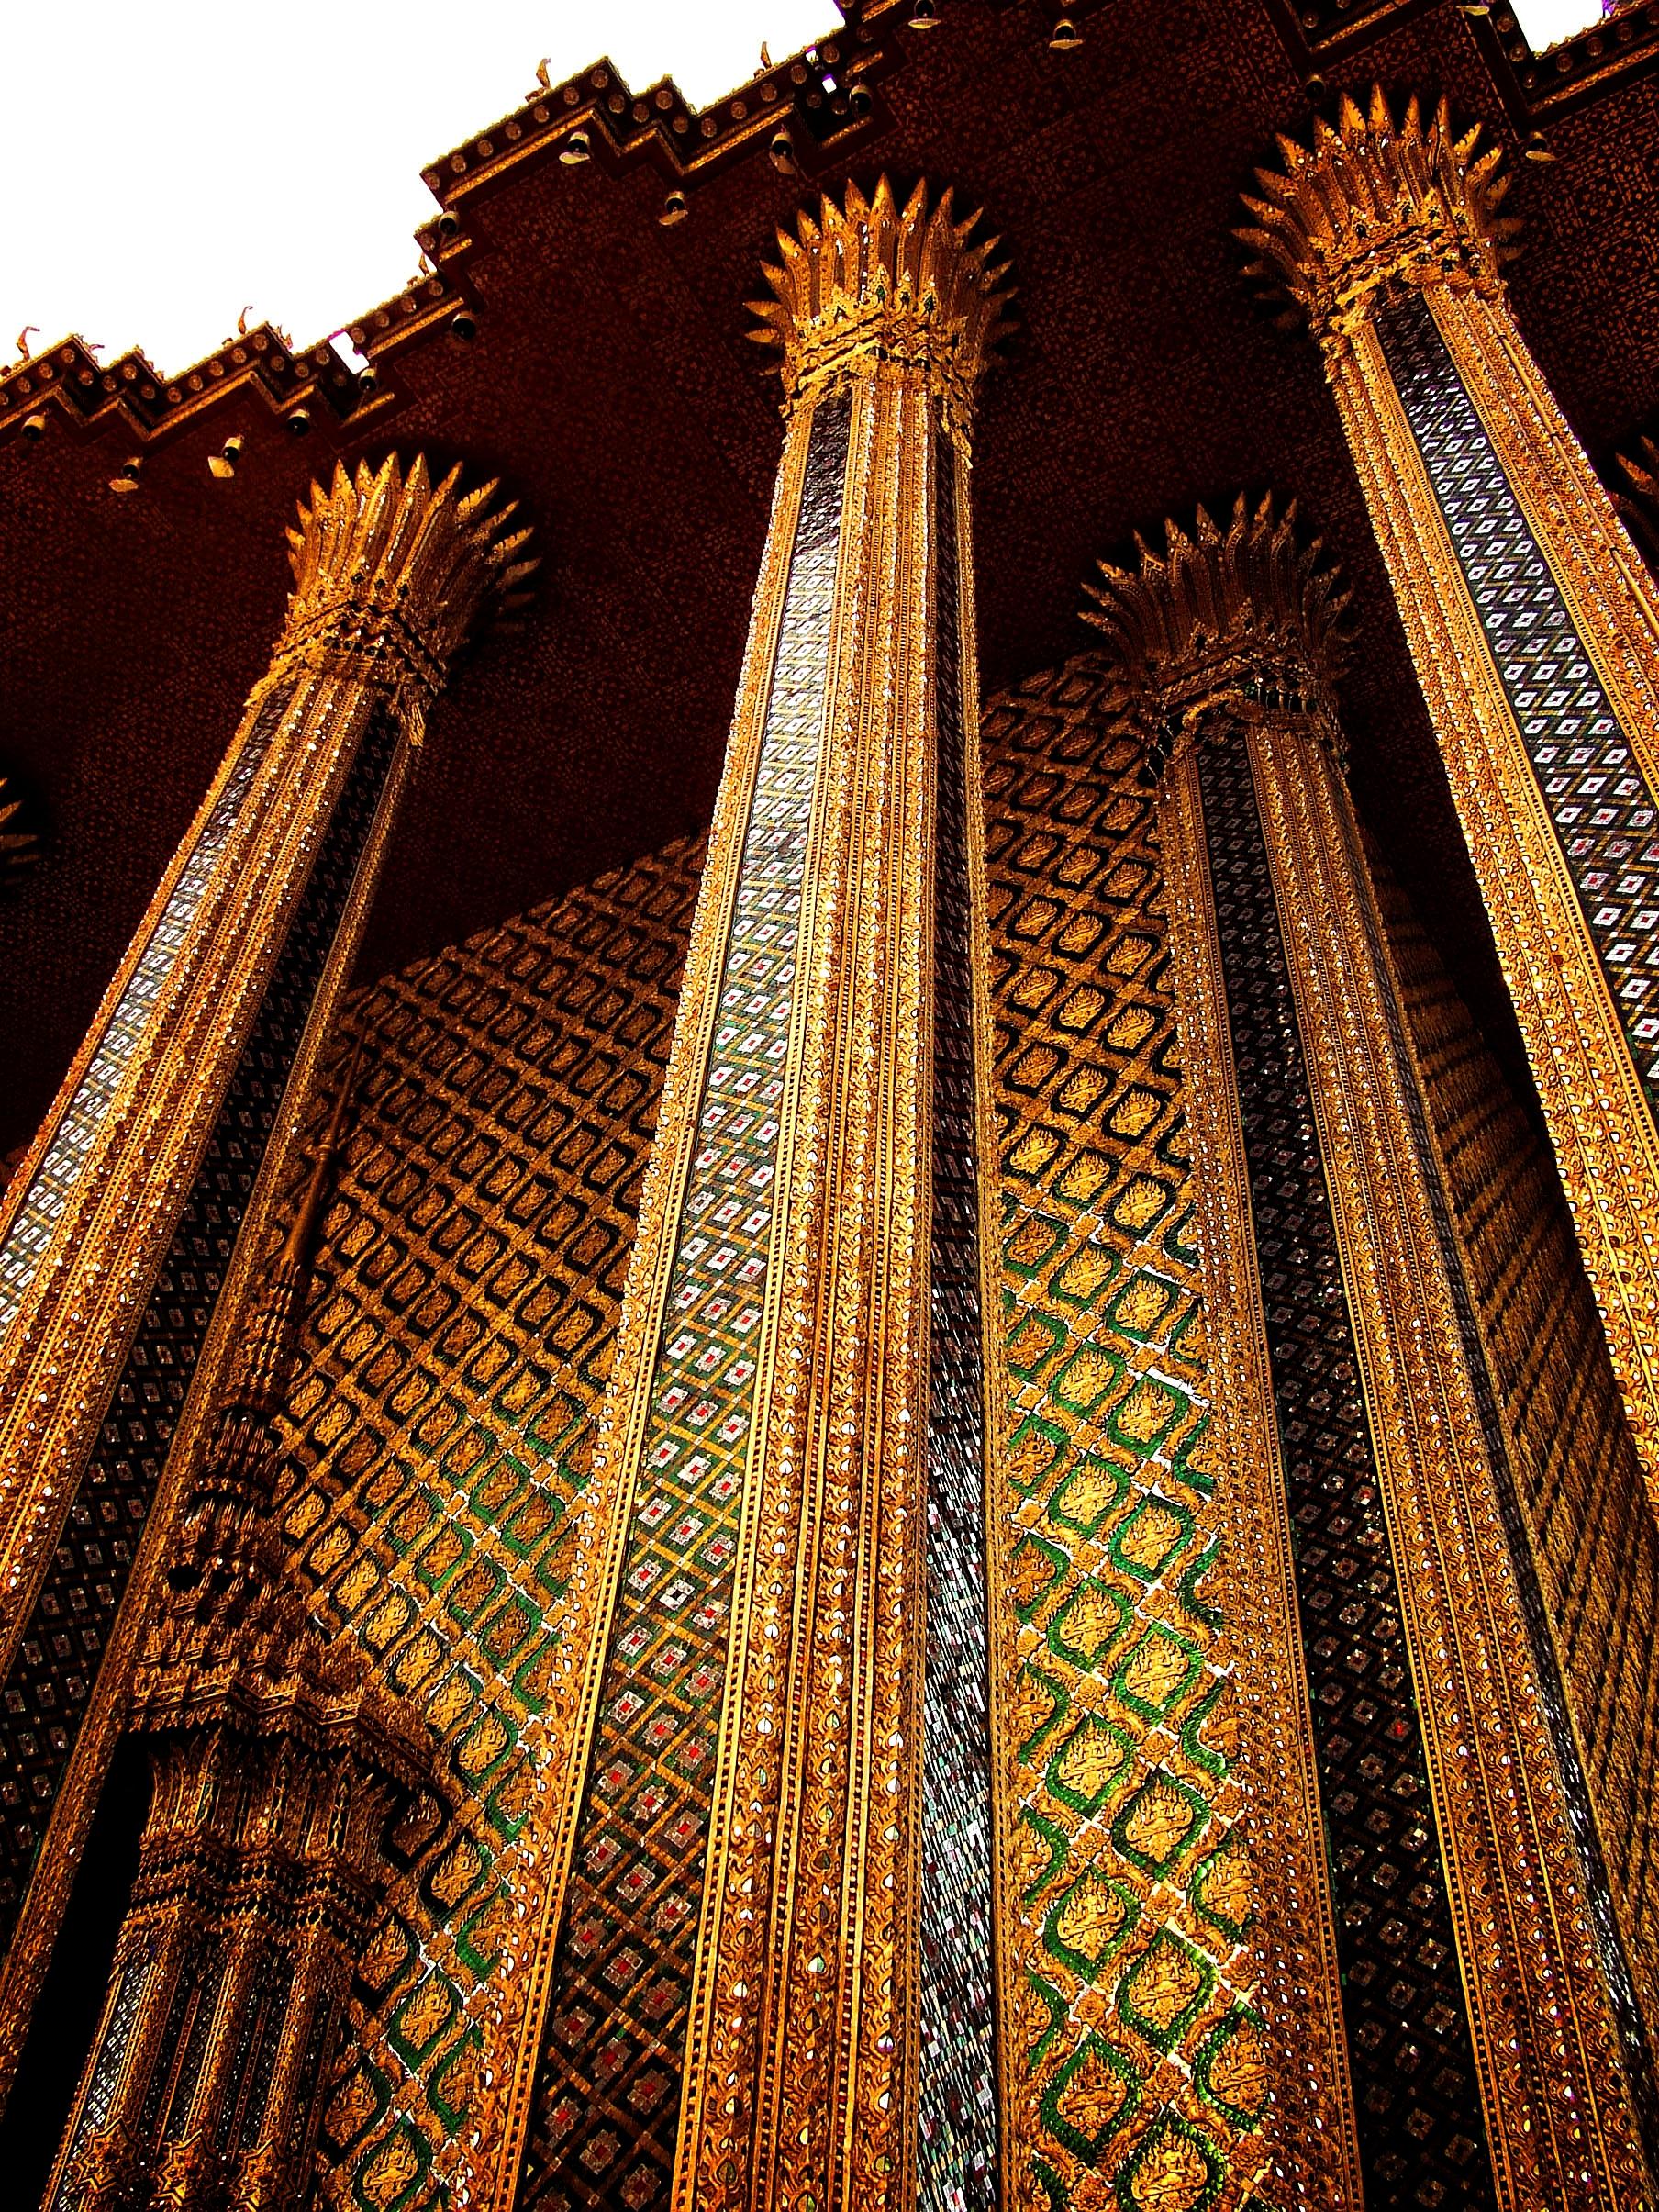 Thailand - columns of phra mondop in bangkok photo